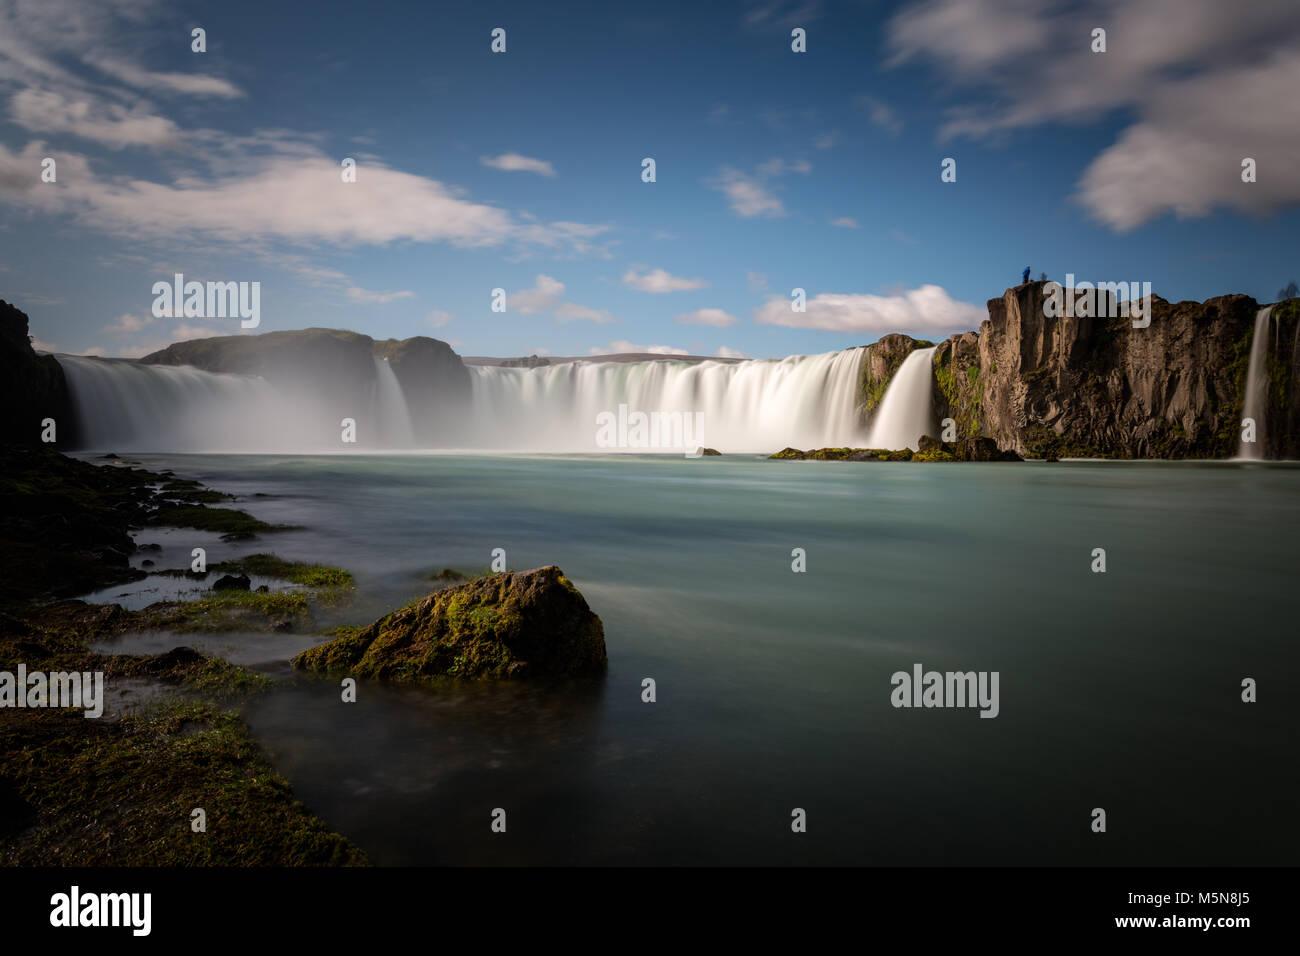 Cascate Godafoss e paesaggio, Islanda, Europa Immagini Stock